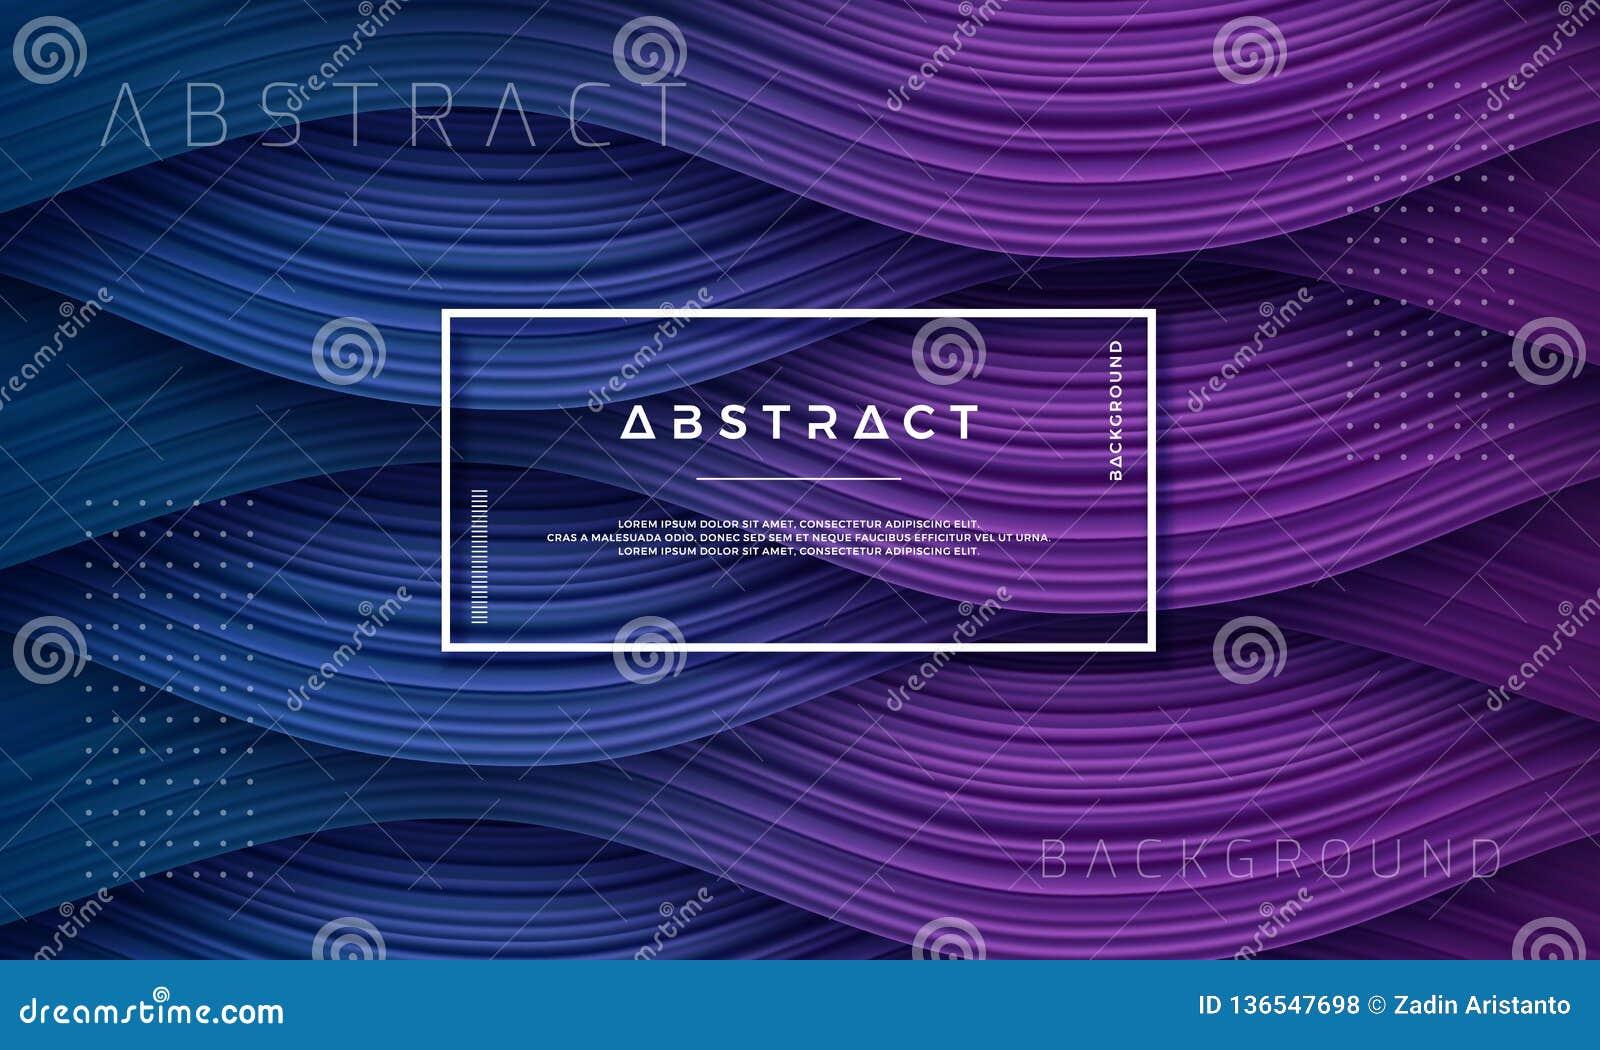 Αφηρημένο, δυναμικό και κατασκευασμένο πορφυρό, σκούρο μπλε υπόβαθρο για το στοιχείο σχεδίου σας και άλλα